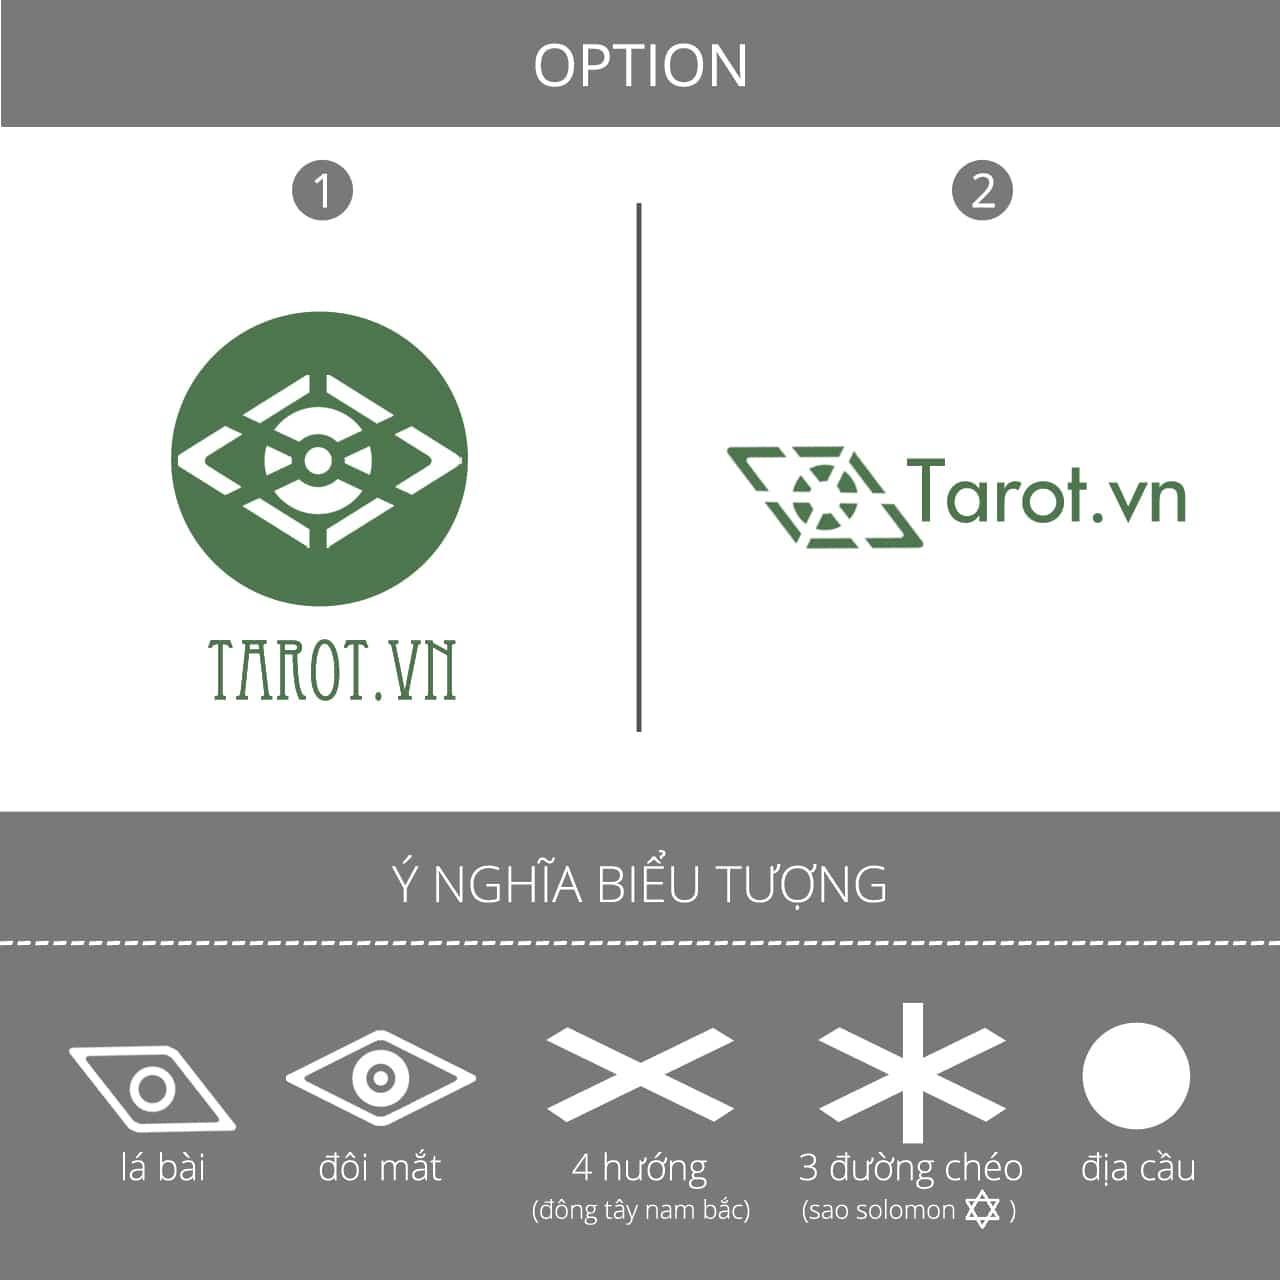 tarotvn-y nghia bieu tuong